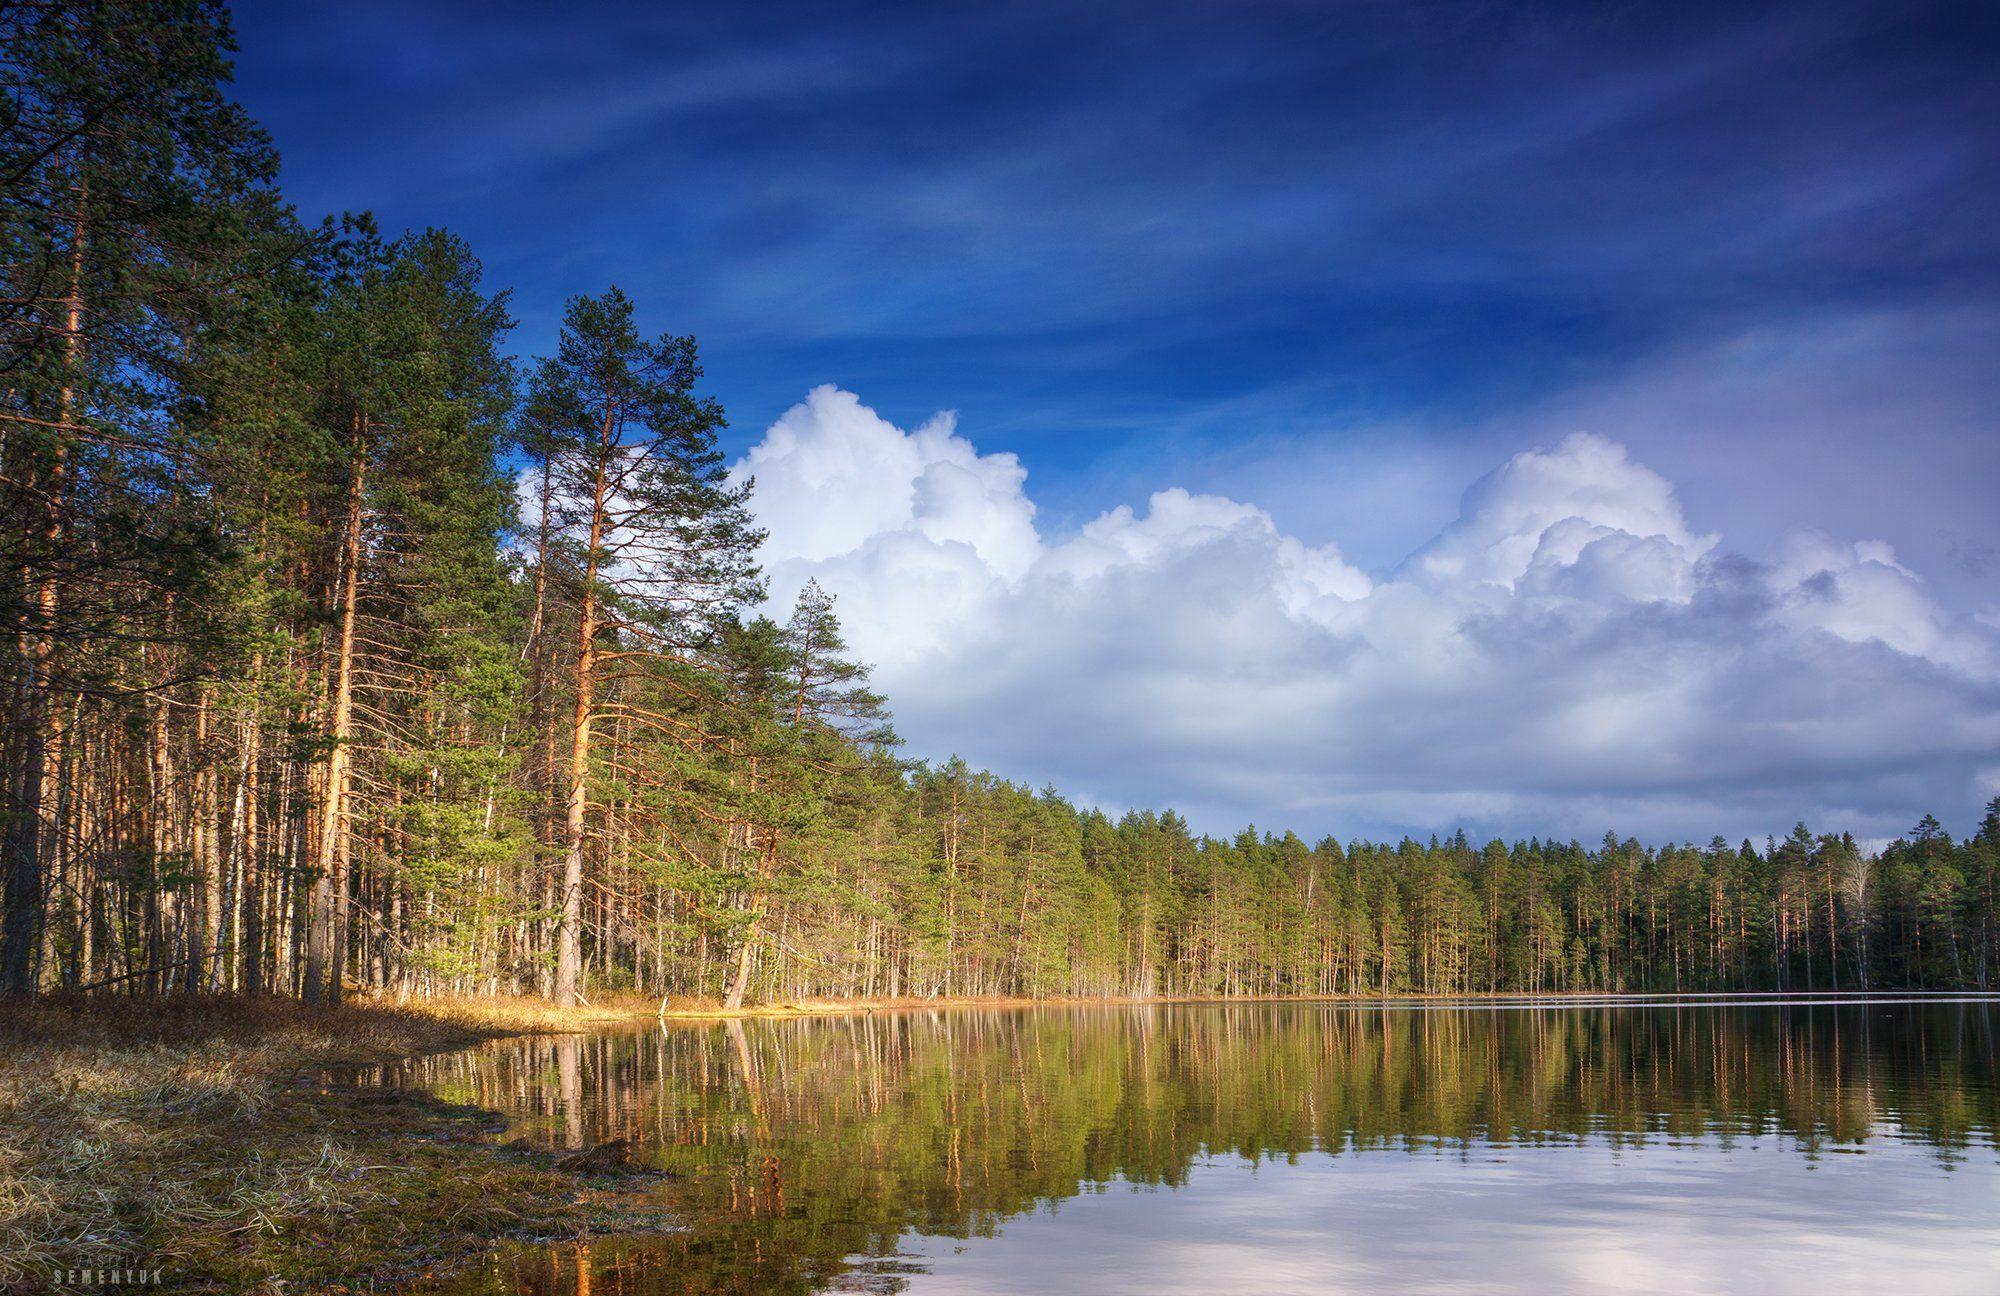 карелия, сосны, озеро, небо, облака., Семенюк Василий